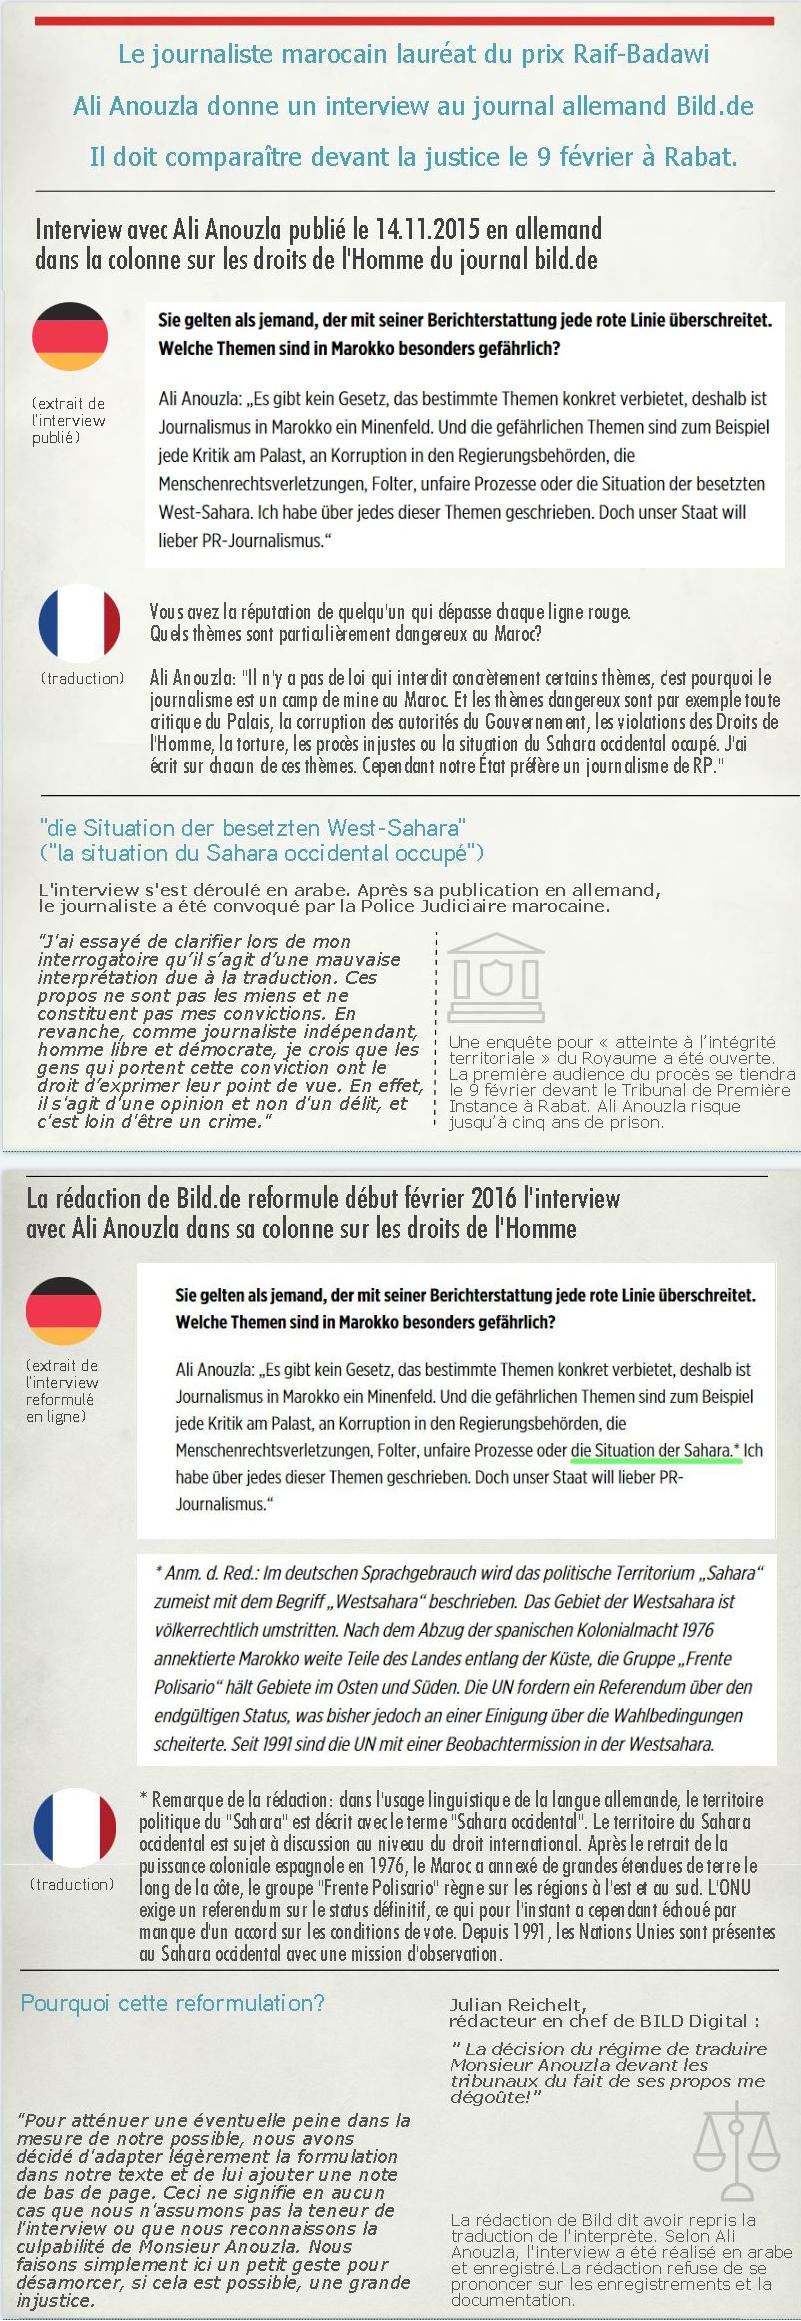 Infographie autour du nouveau chapitre judiciaire concernant le journaliste marocain Ali Anouzla, rédacteur en chef de Lakome2.com